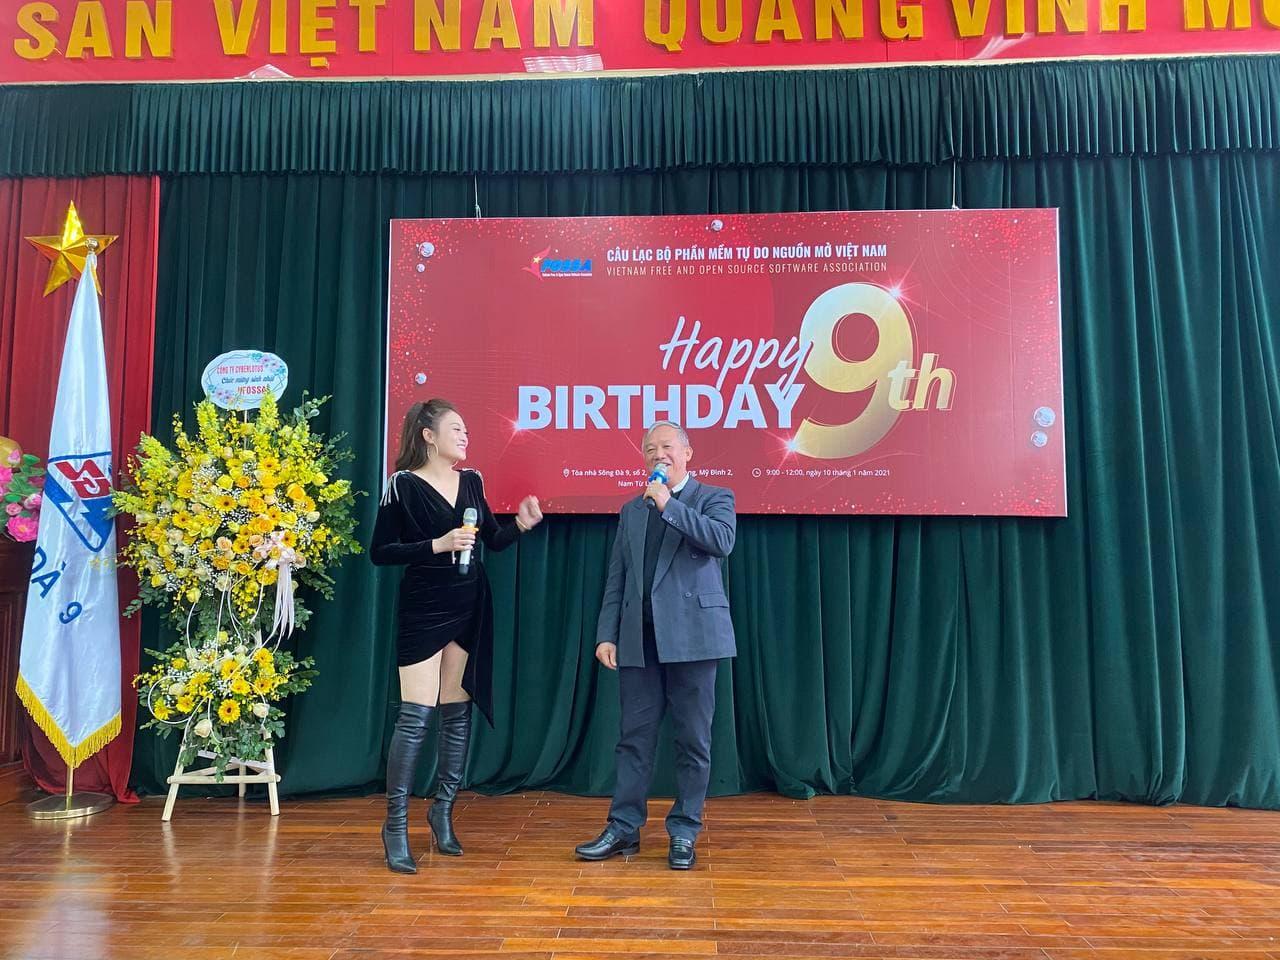 Liên hoan văn nghệ mừng sinh nhật VFOSSA